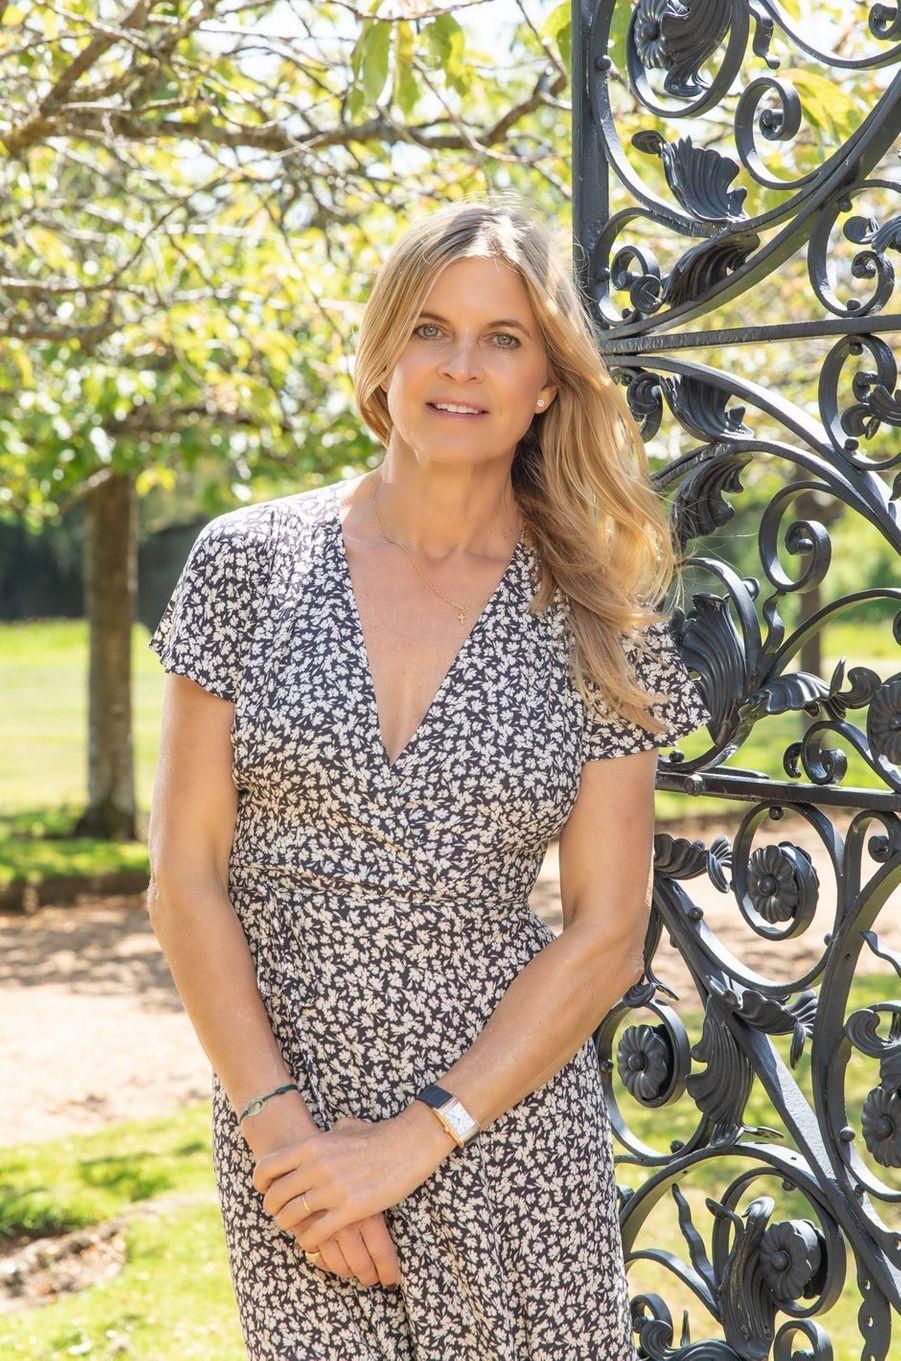 Claire Milford Haven, amie de Jaeger-LeCoultre depuis plusieurs années.